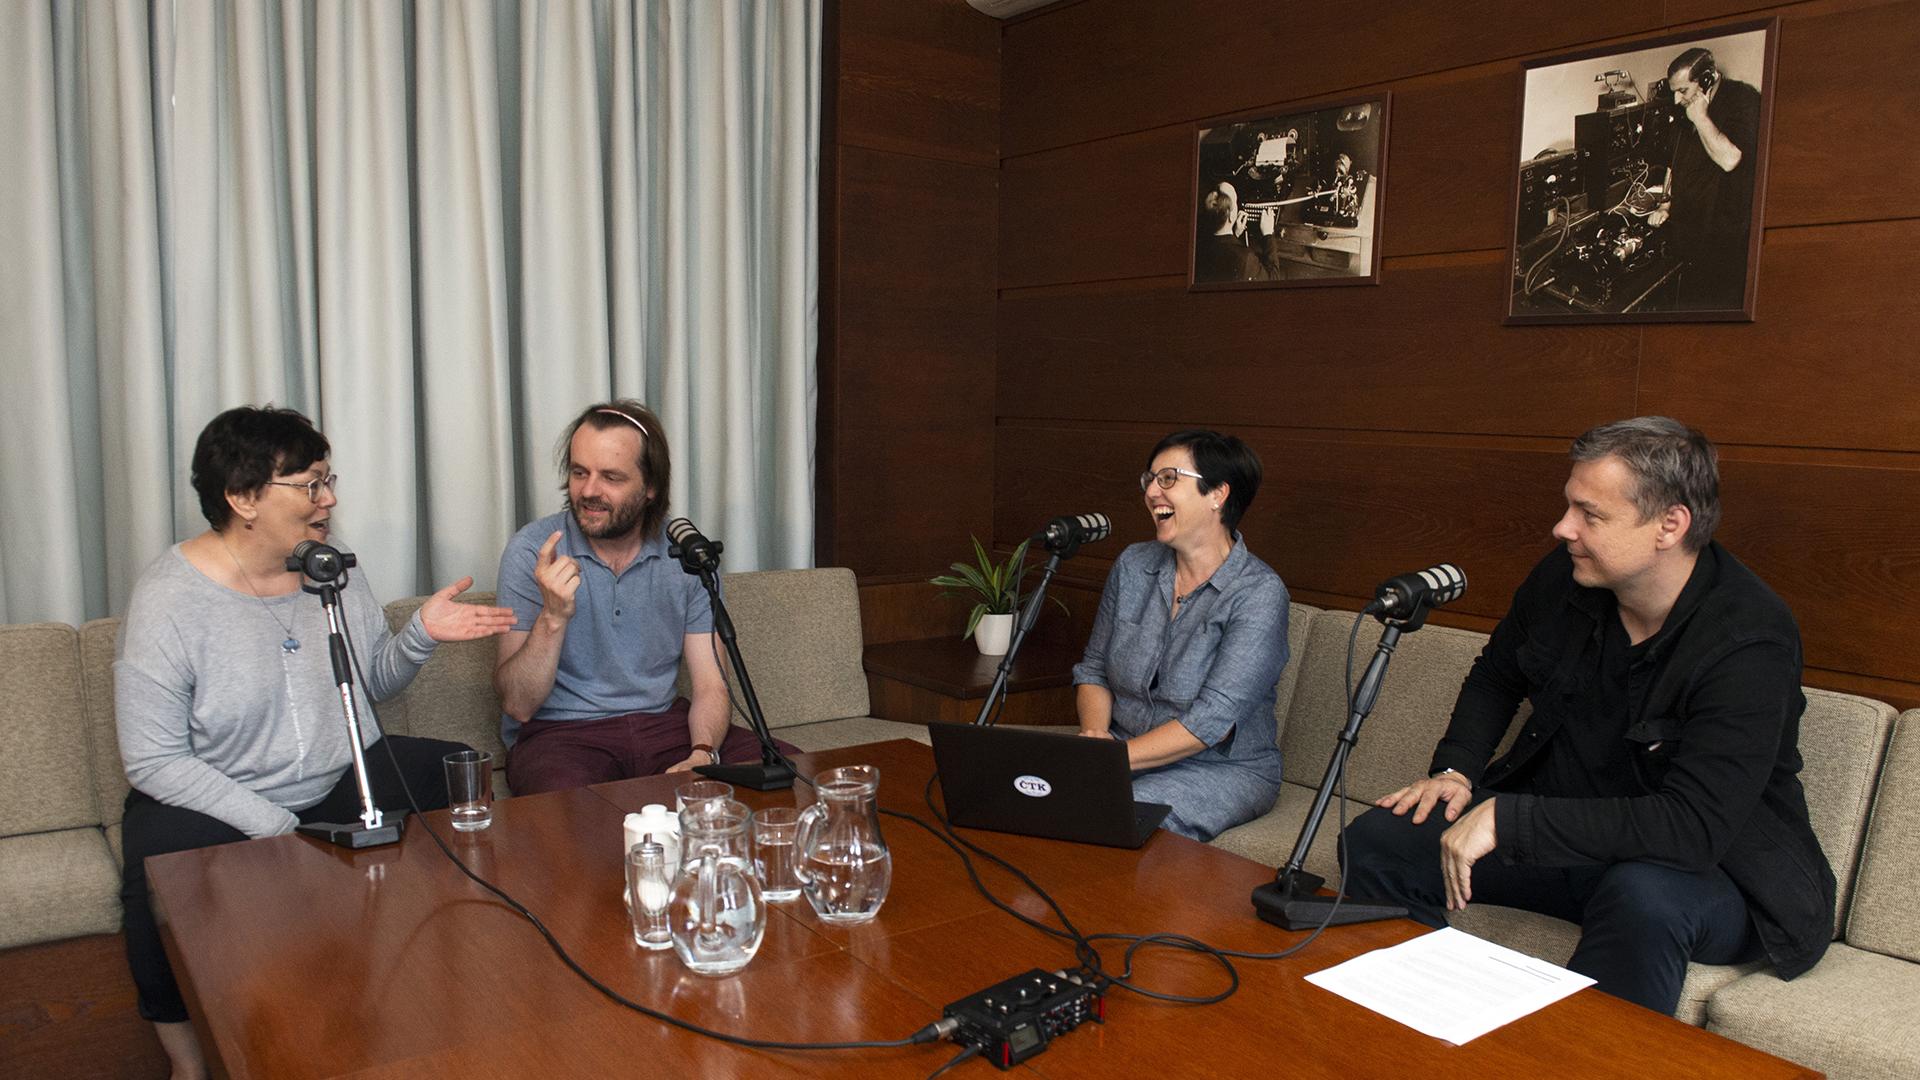 LFŠ s ČTK představuje podcast Četkast na Filmovce